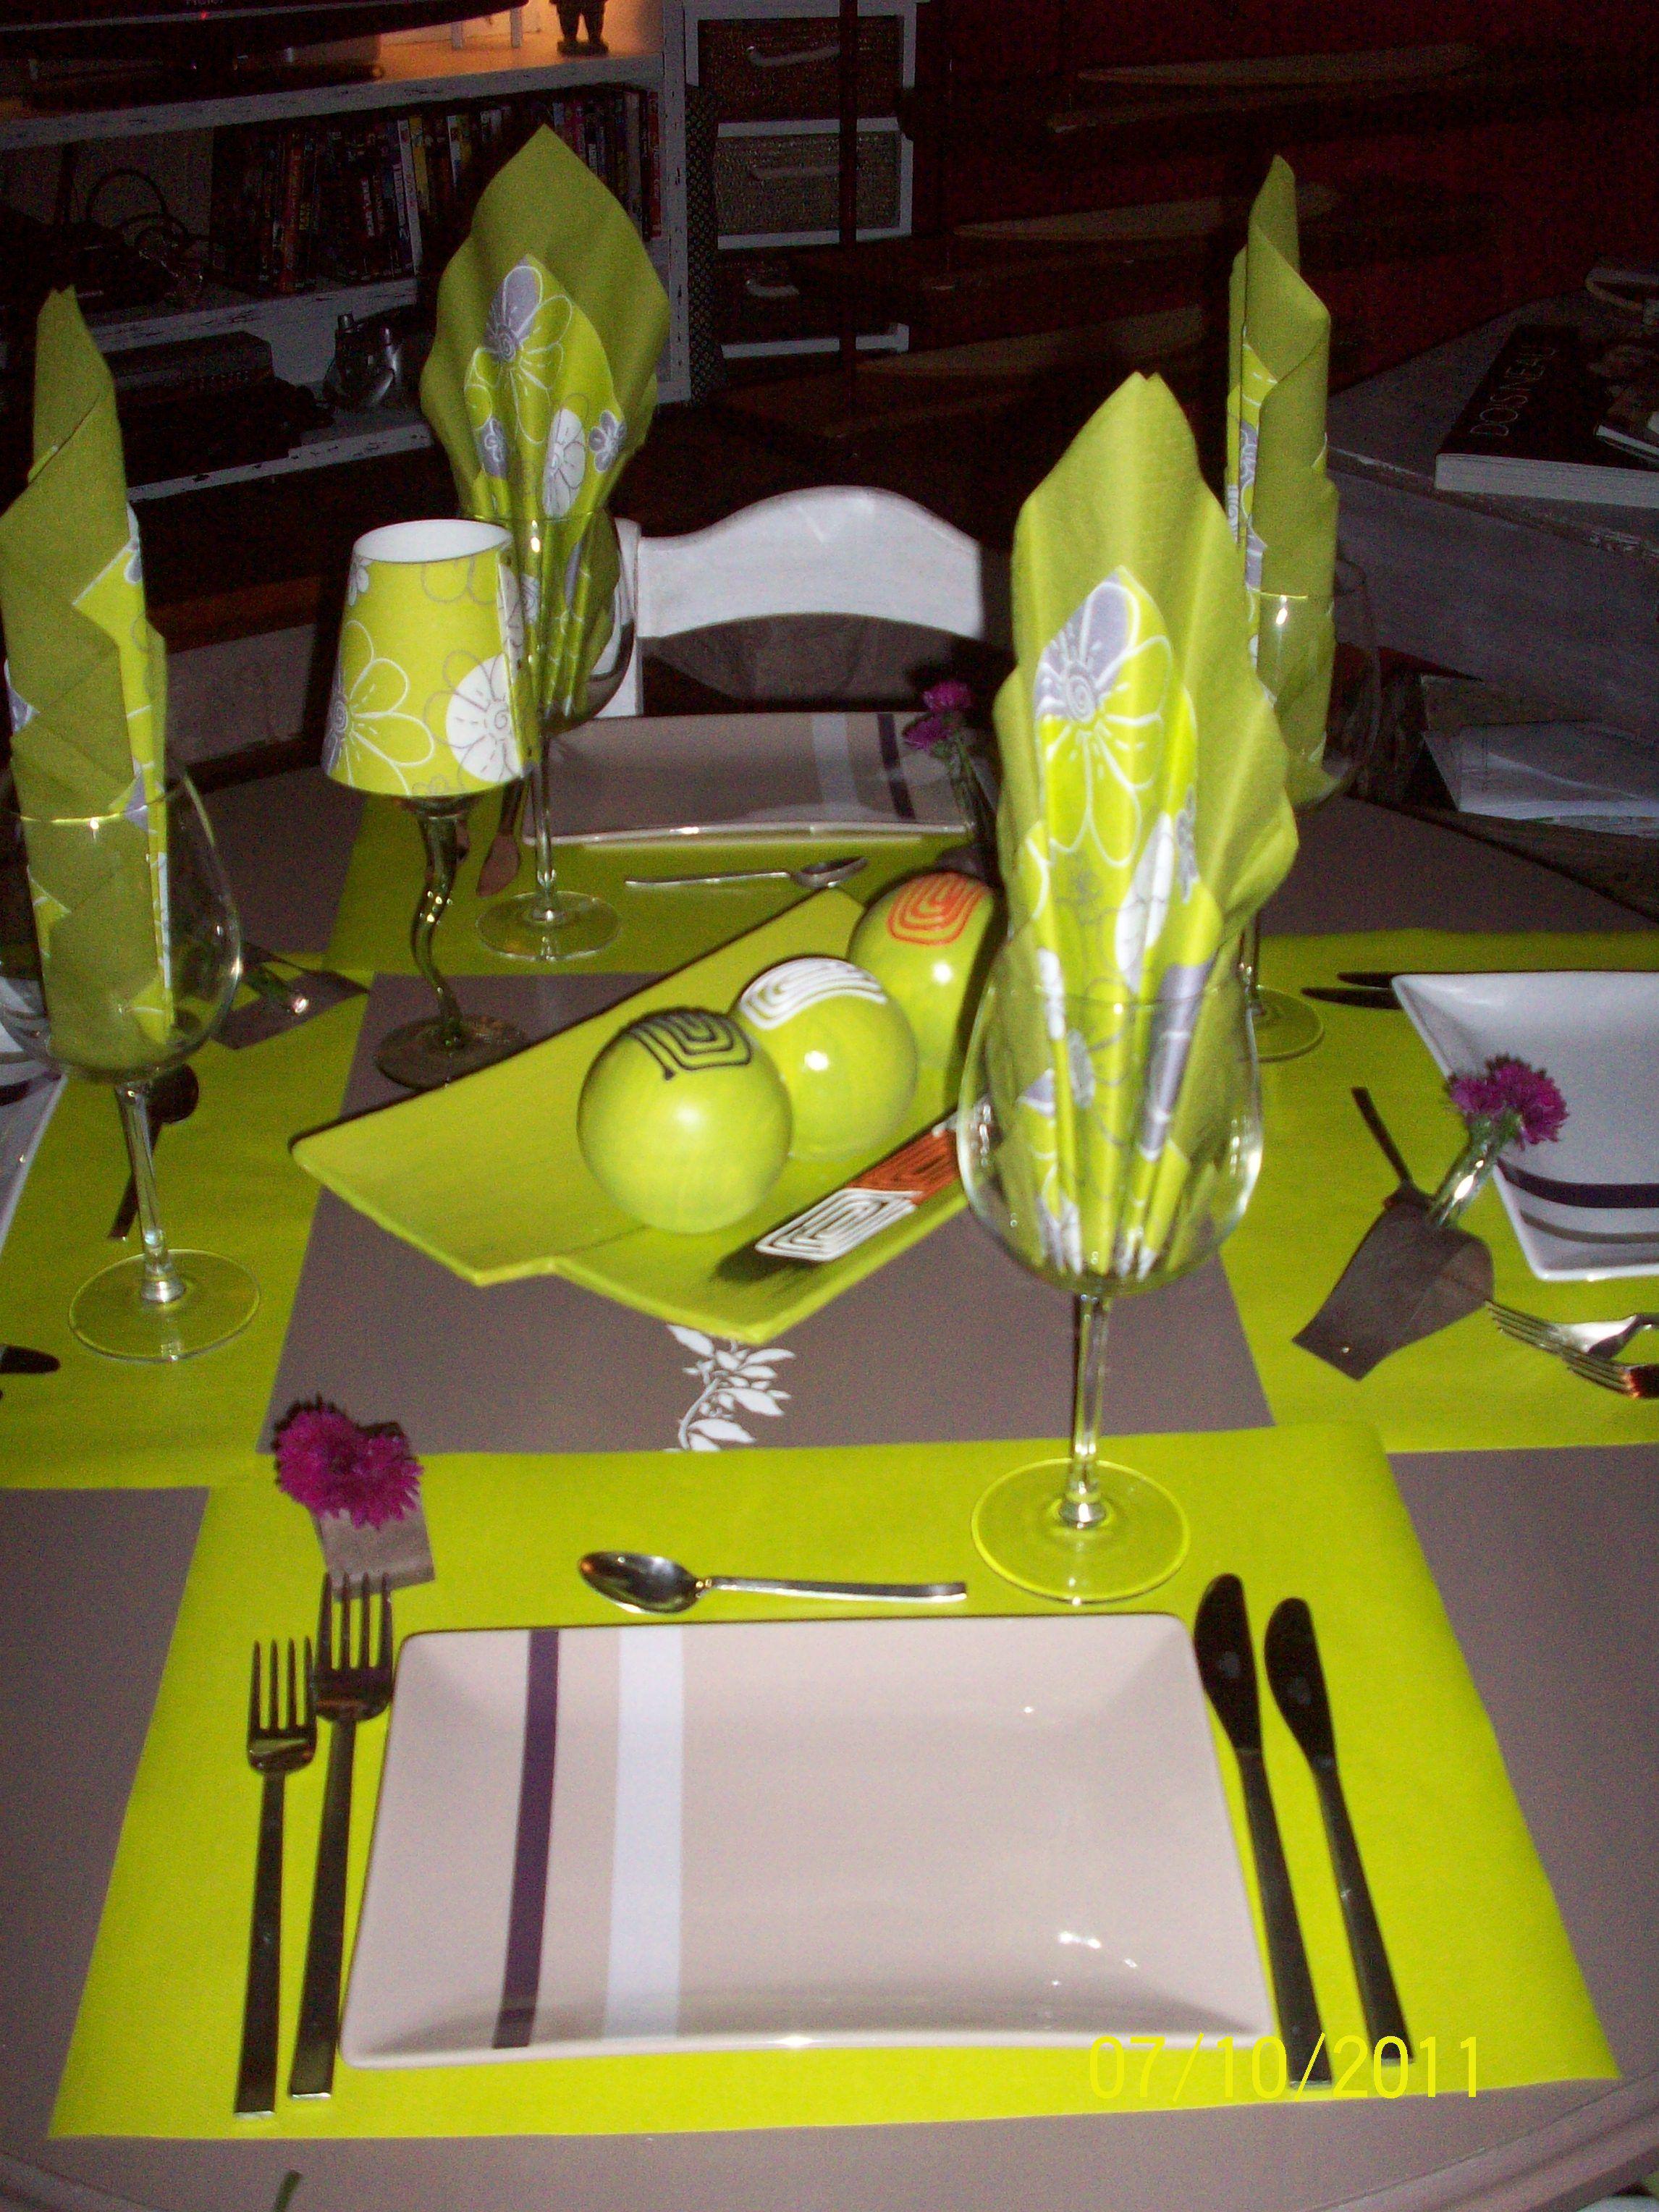 Diner entre amis... (avec images)   Diner entre amis, Deco table, Diner